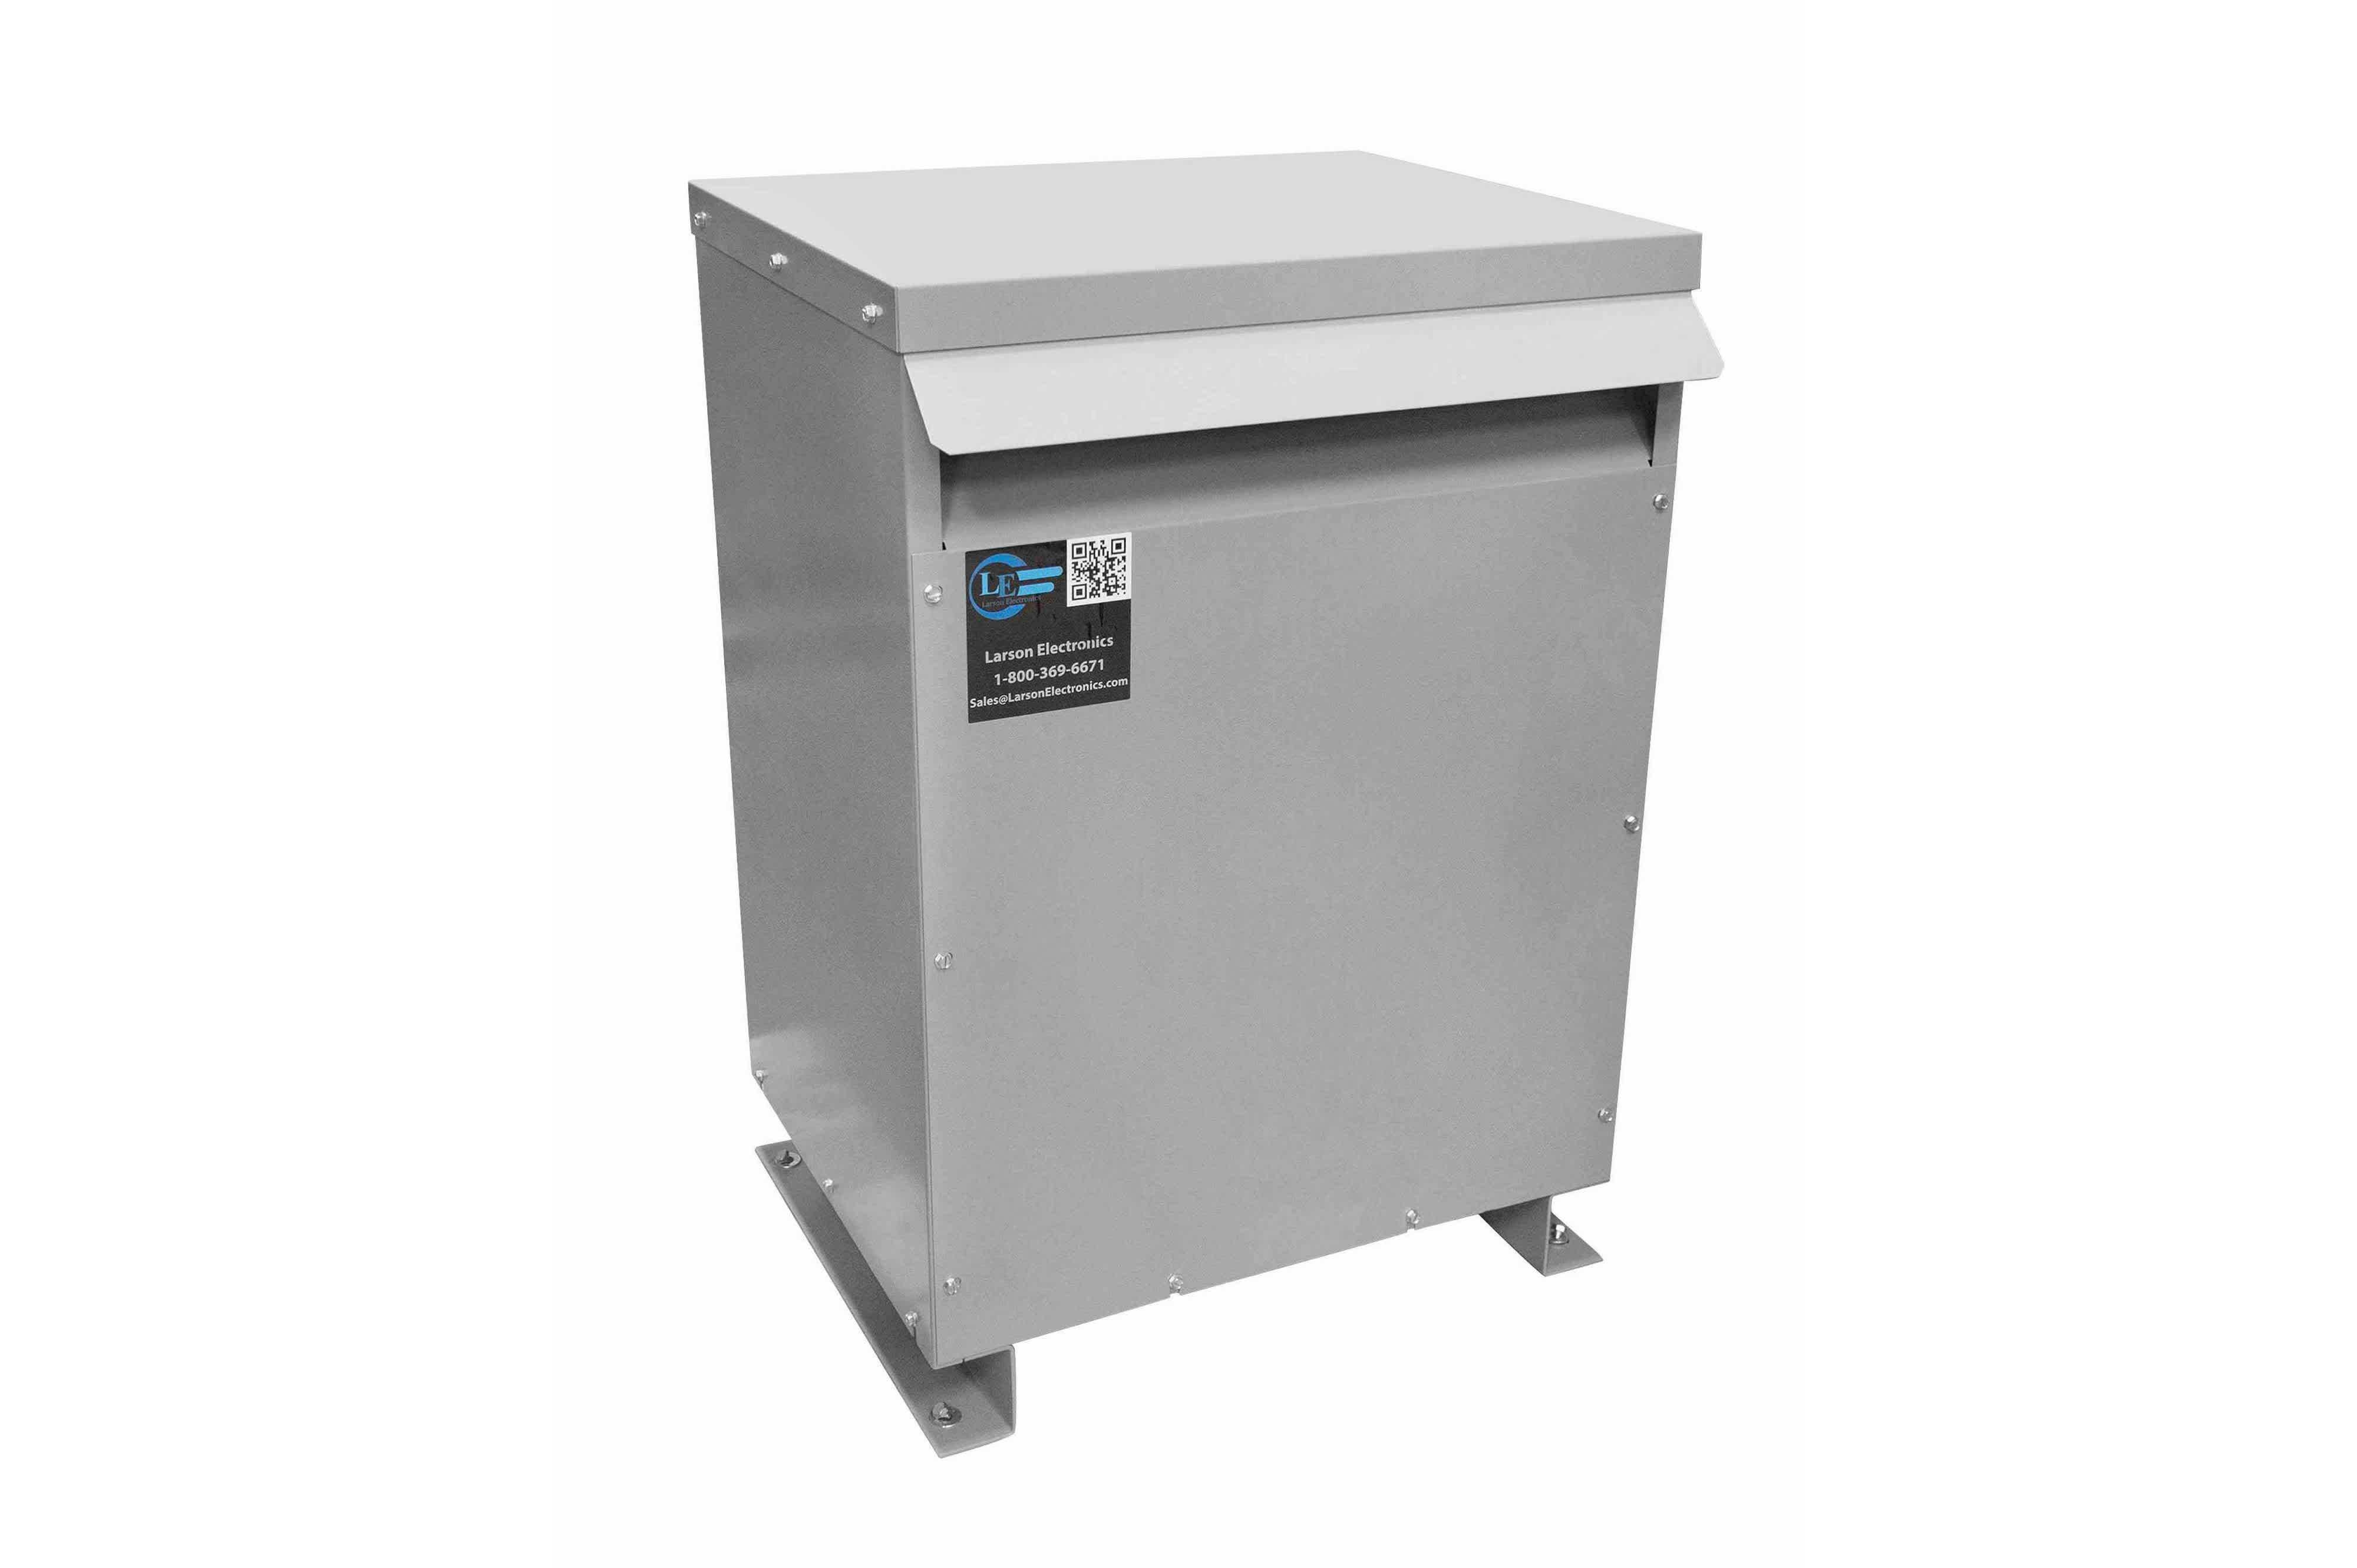 65 kVA 3PH Isolation Transformer, 480V Delta Primary, 415V Delta Secondary, N3R, Ventilated, 60 Hz